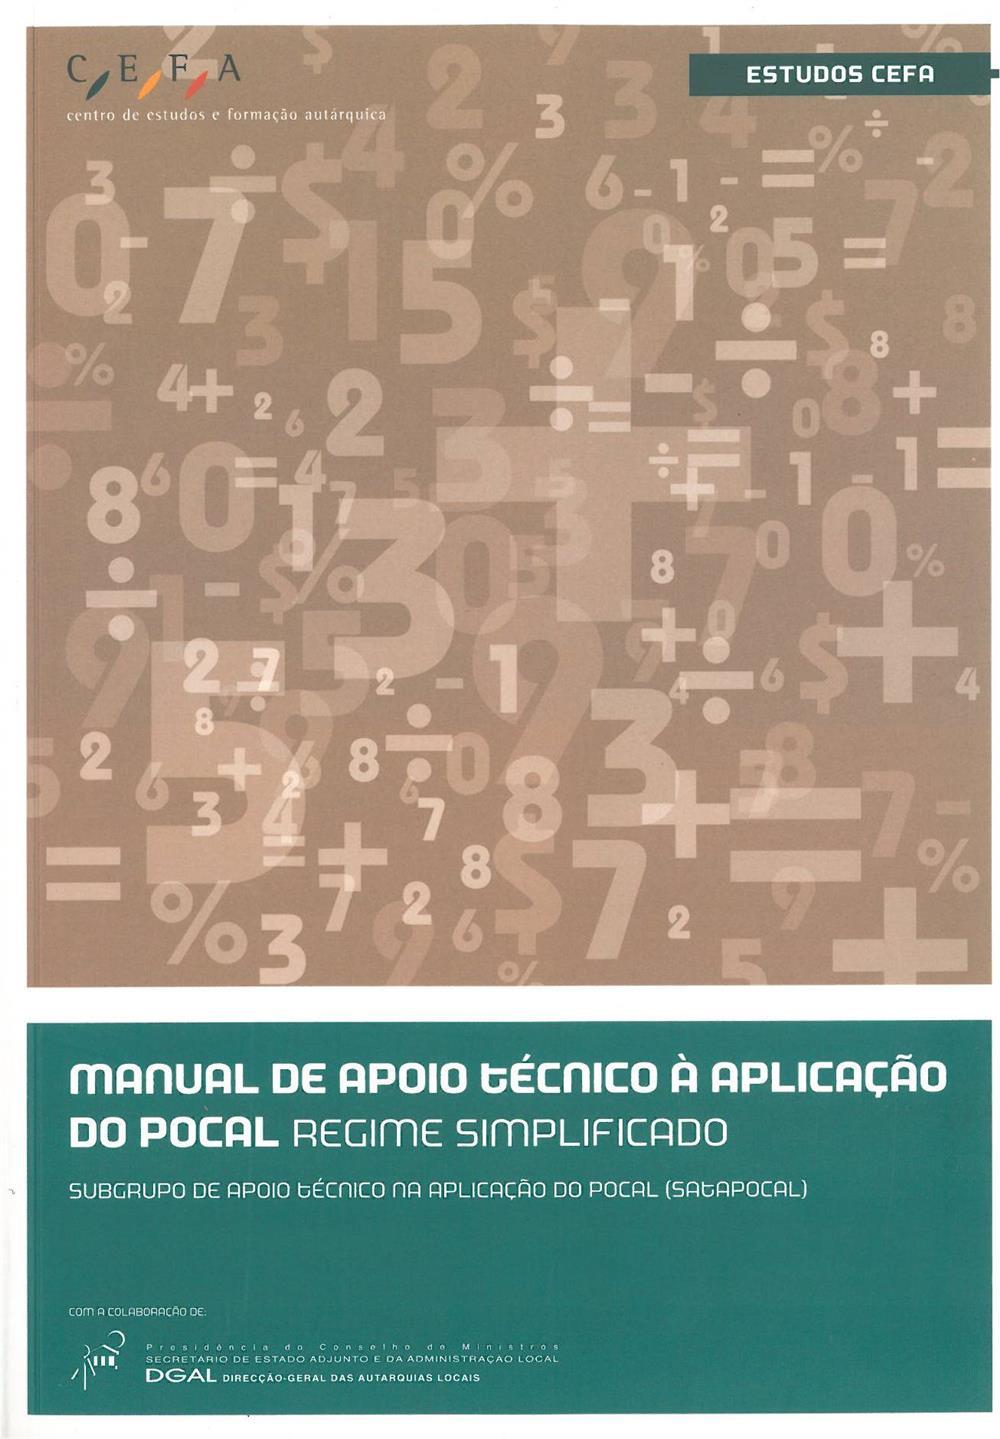 POCAL_regime simplificado.jpg